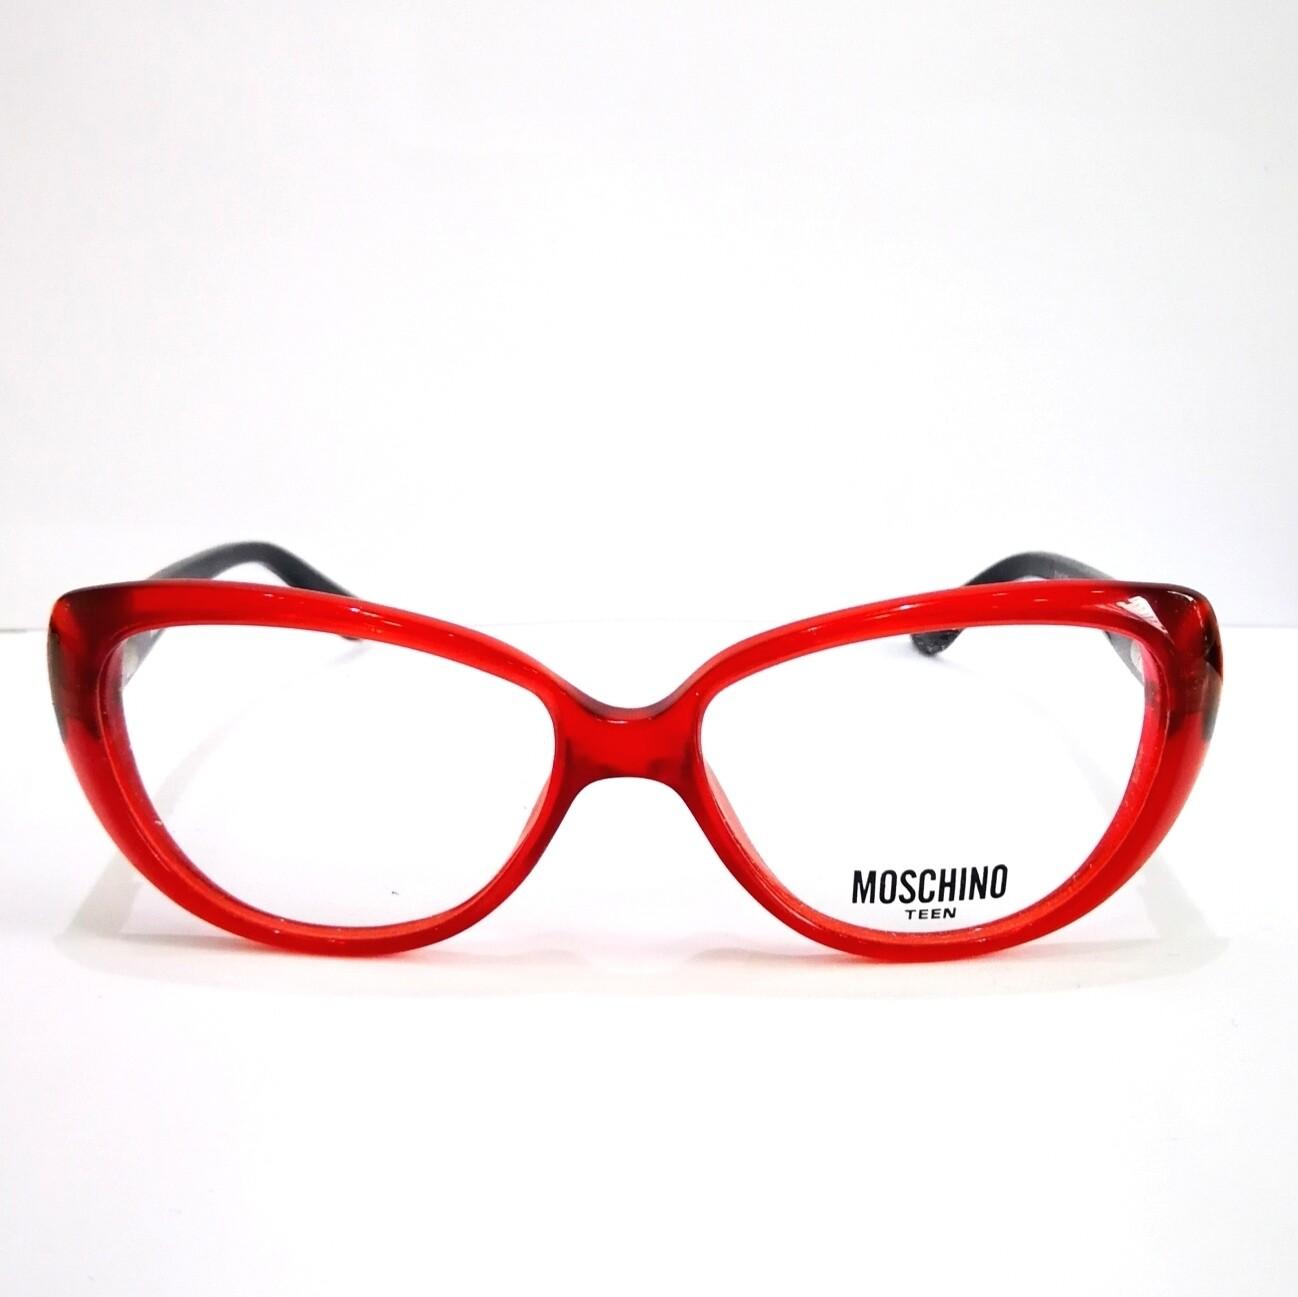 Moschino baby red